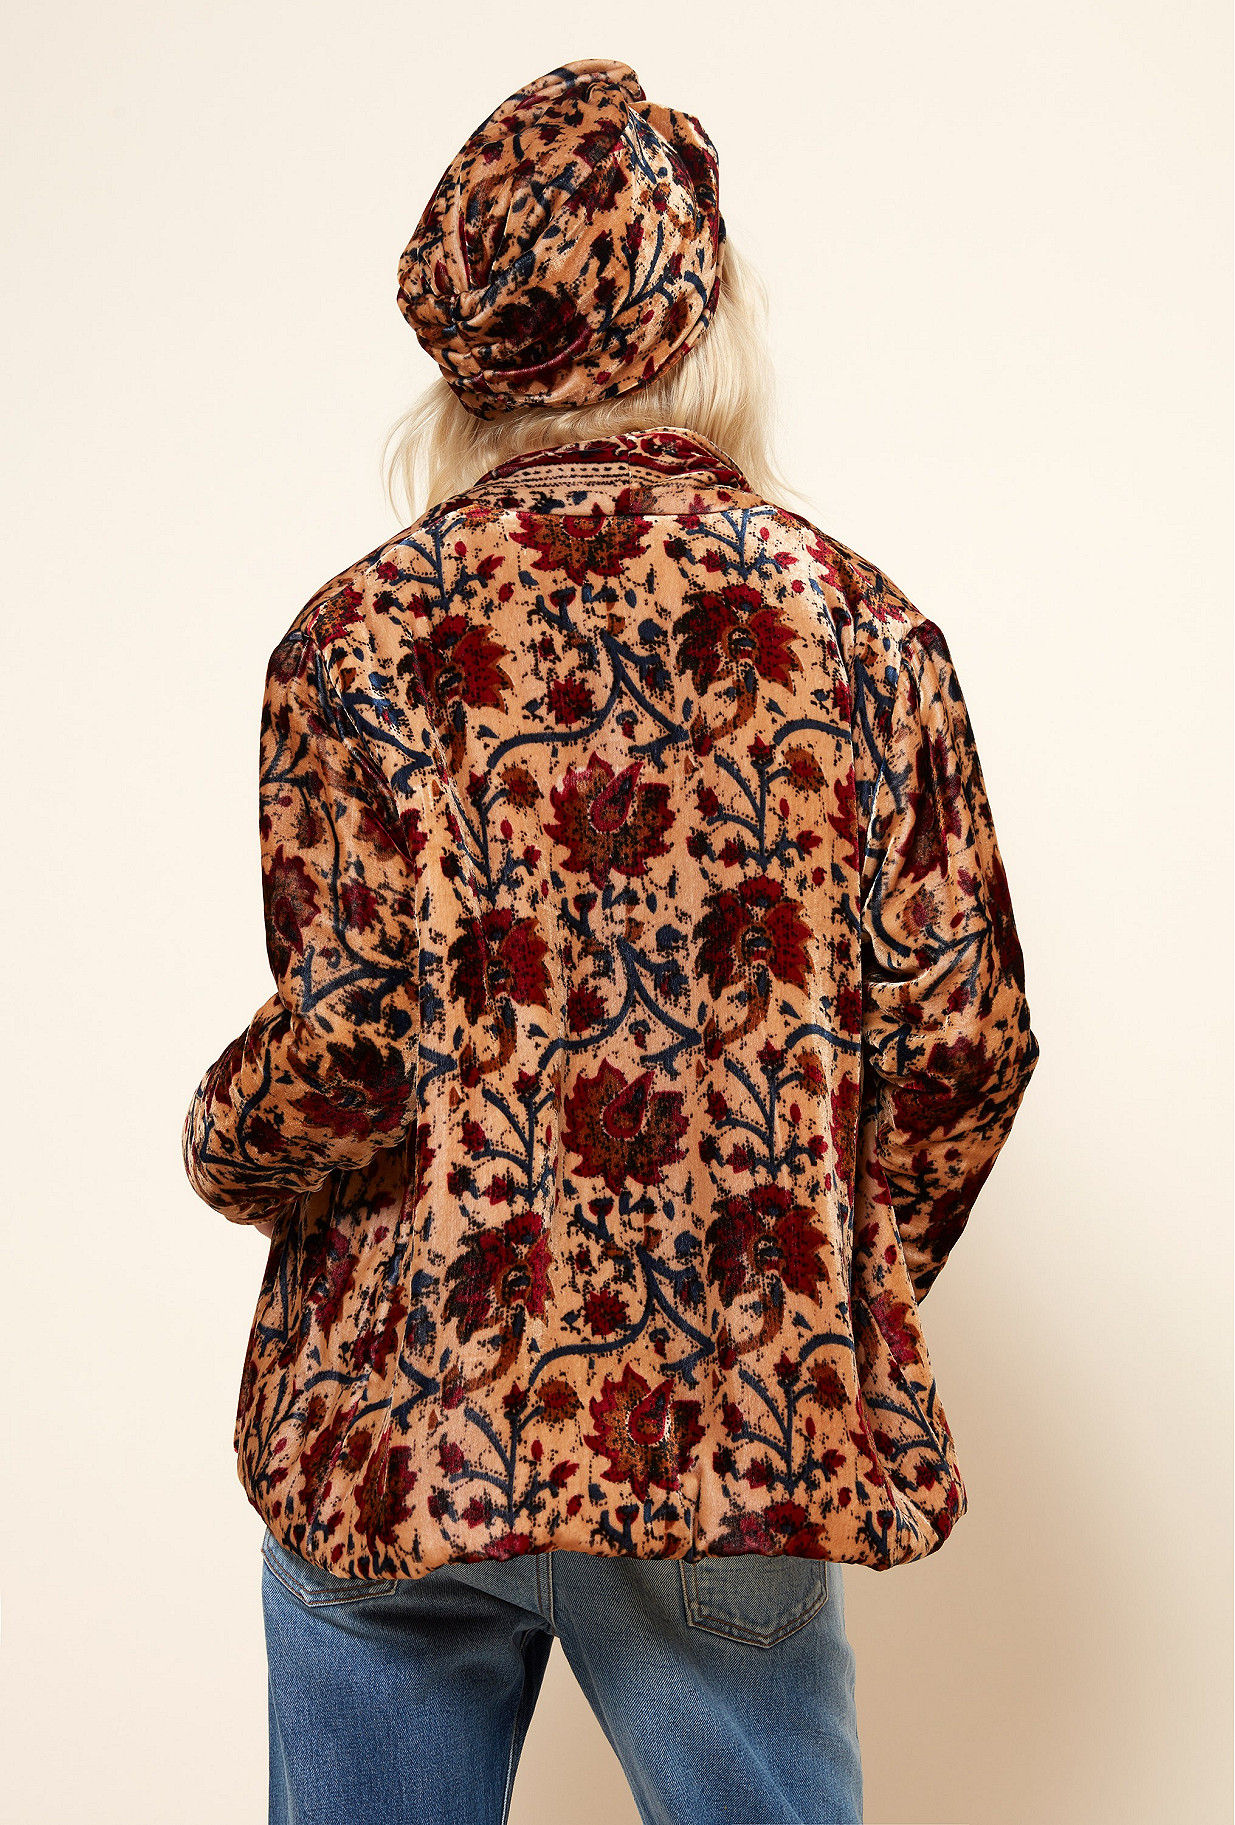 Floral print  JACKET  Charles Mes demoiselles fashion clothes designer Paris